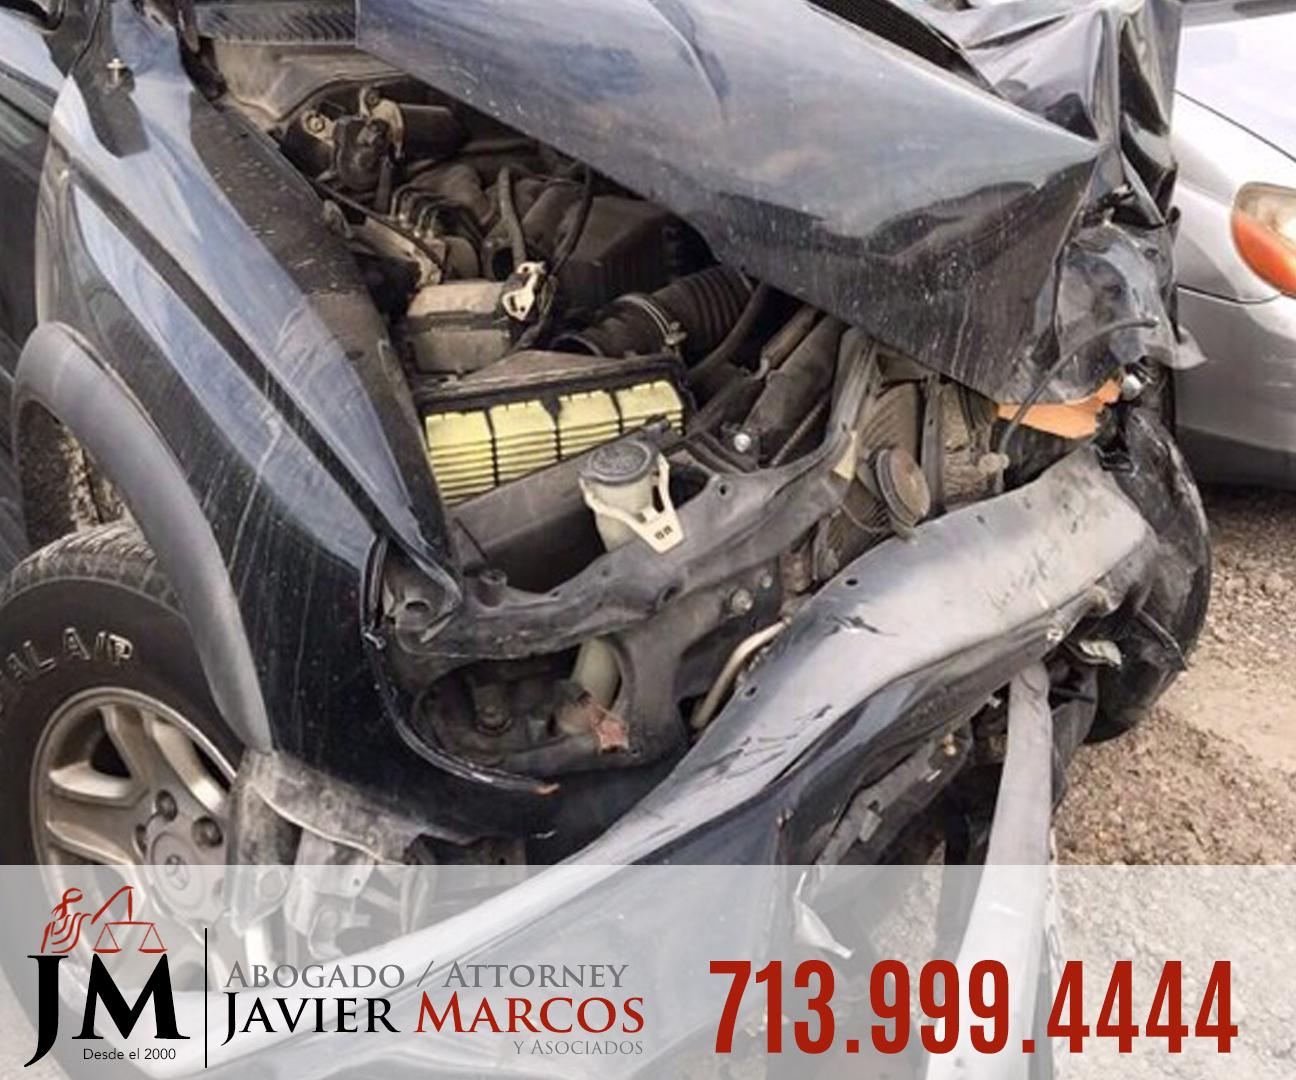 Reclamo por accidente de auto   Abogado Javier Marcos   713.999.4444